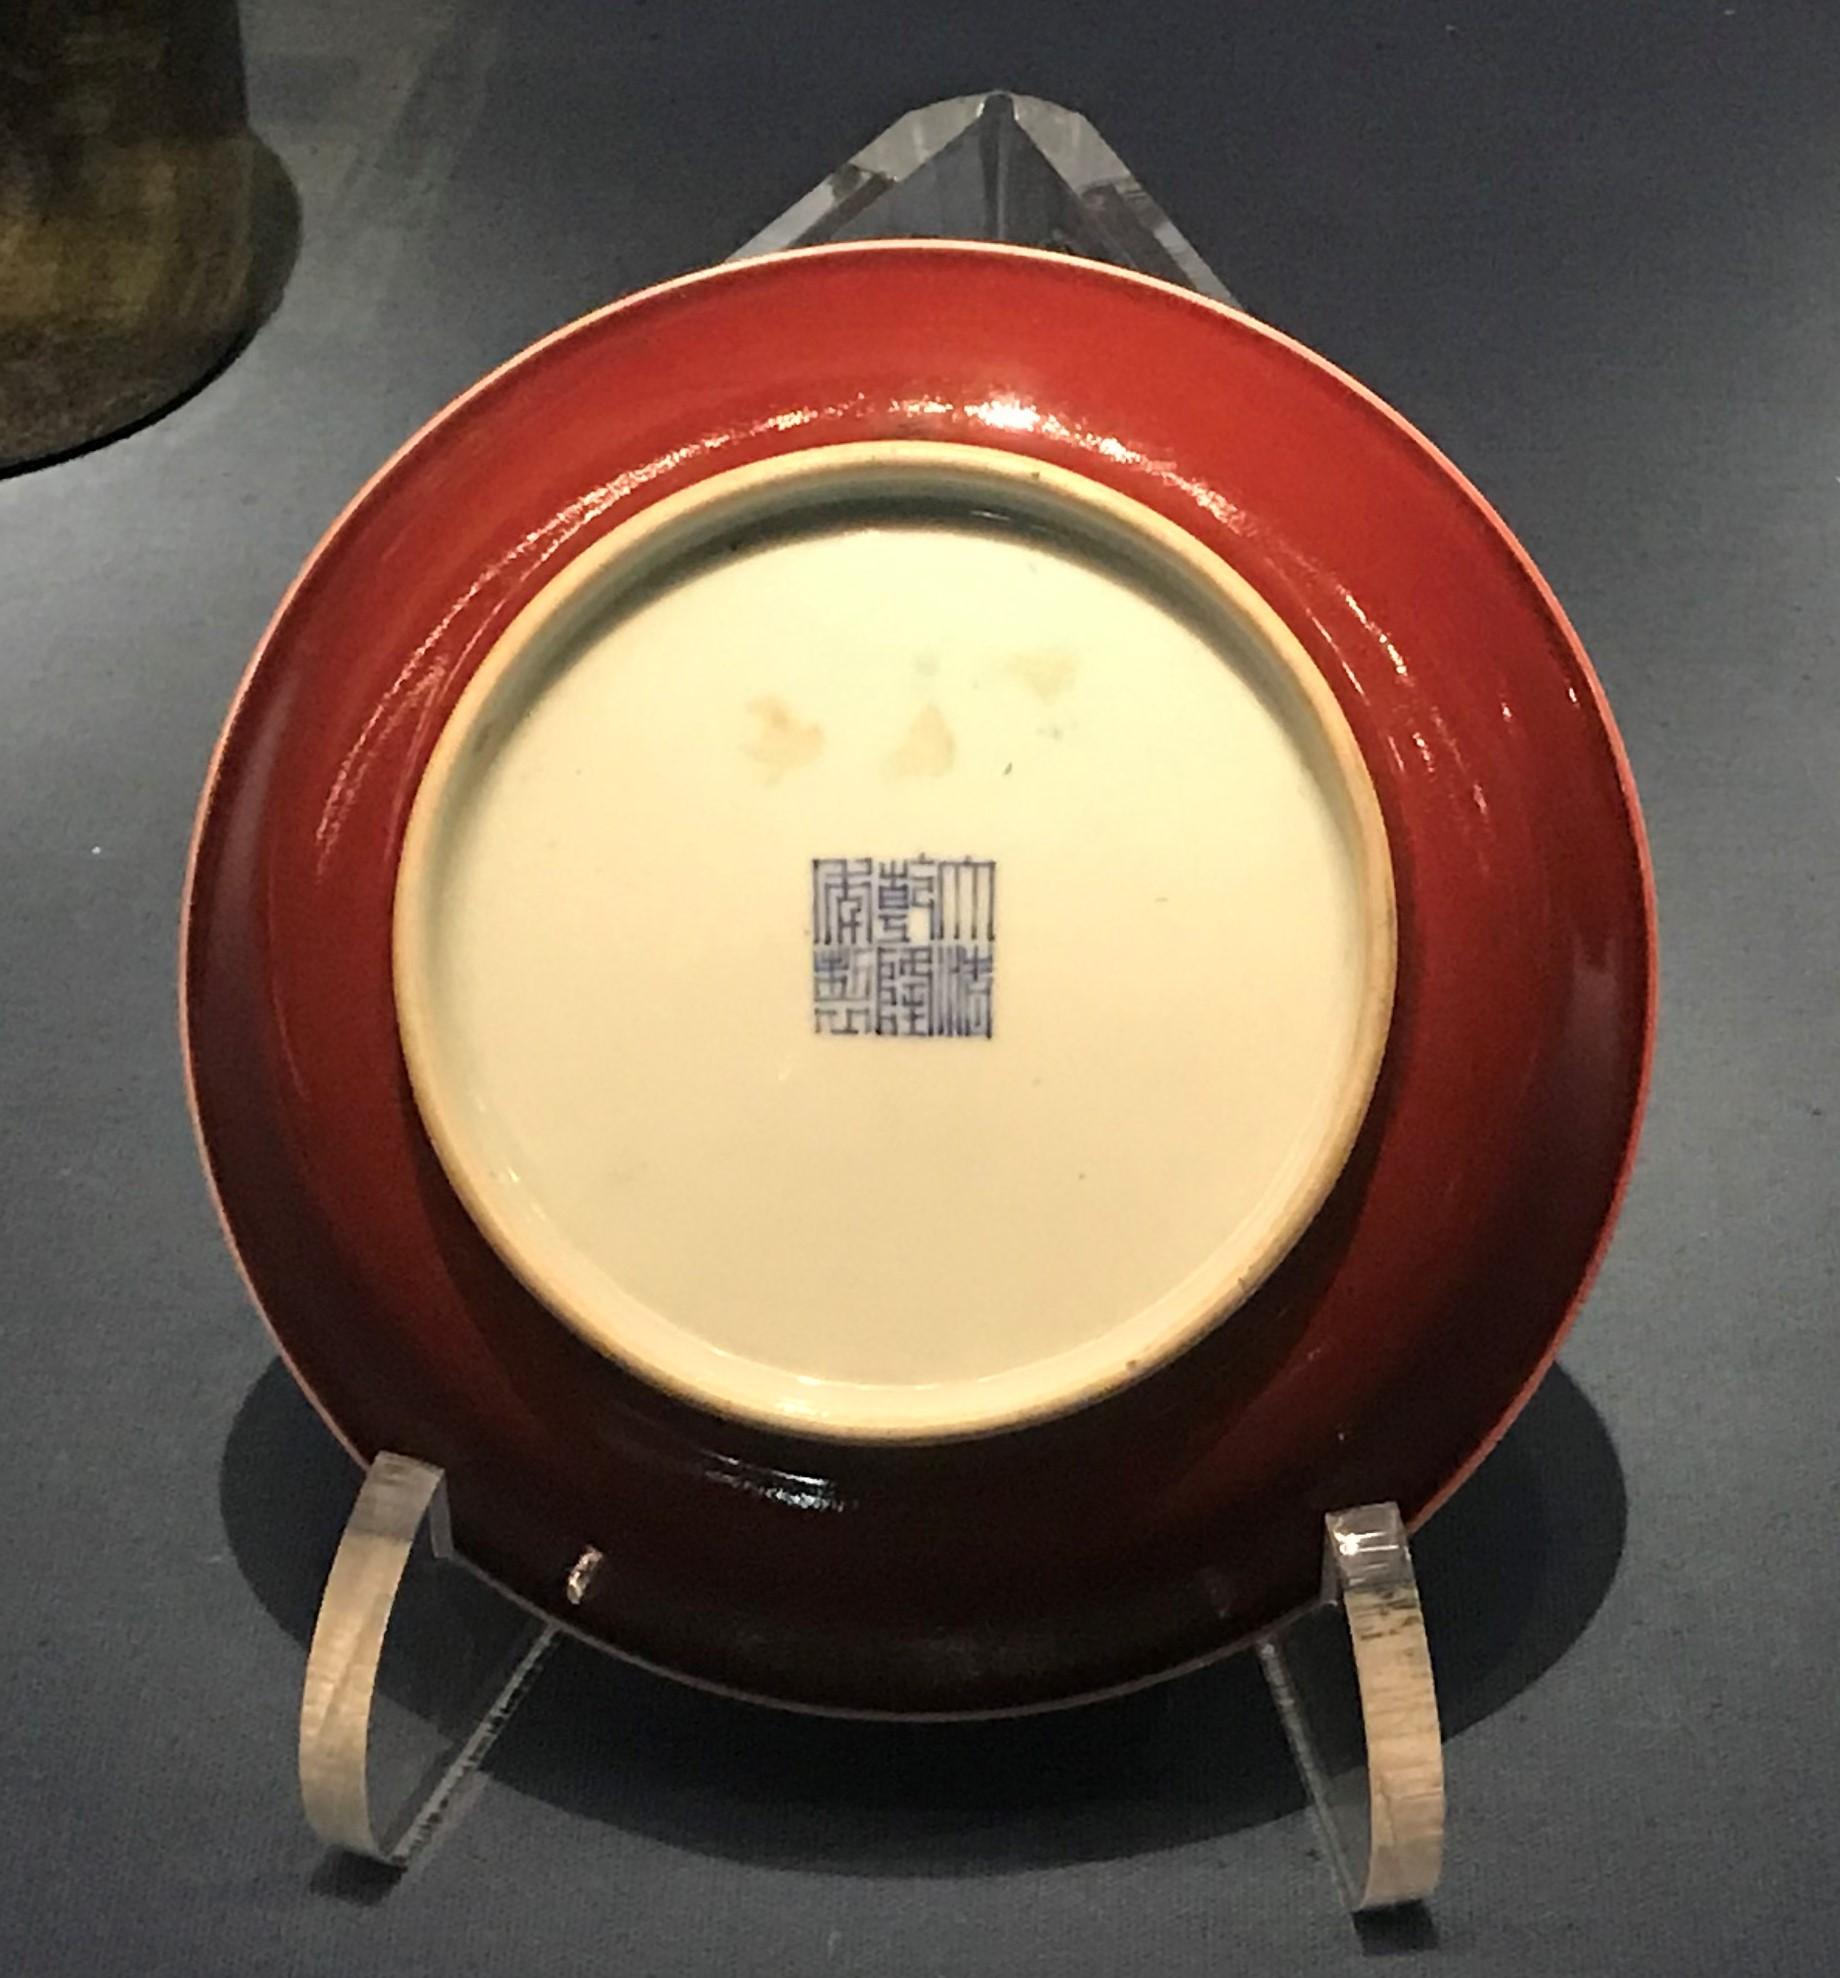 霽紅釉磁盤-明清時代-常設展F3-成都博物館